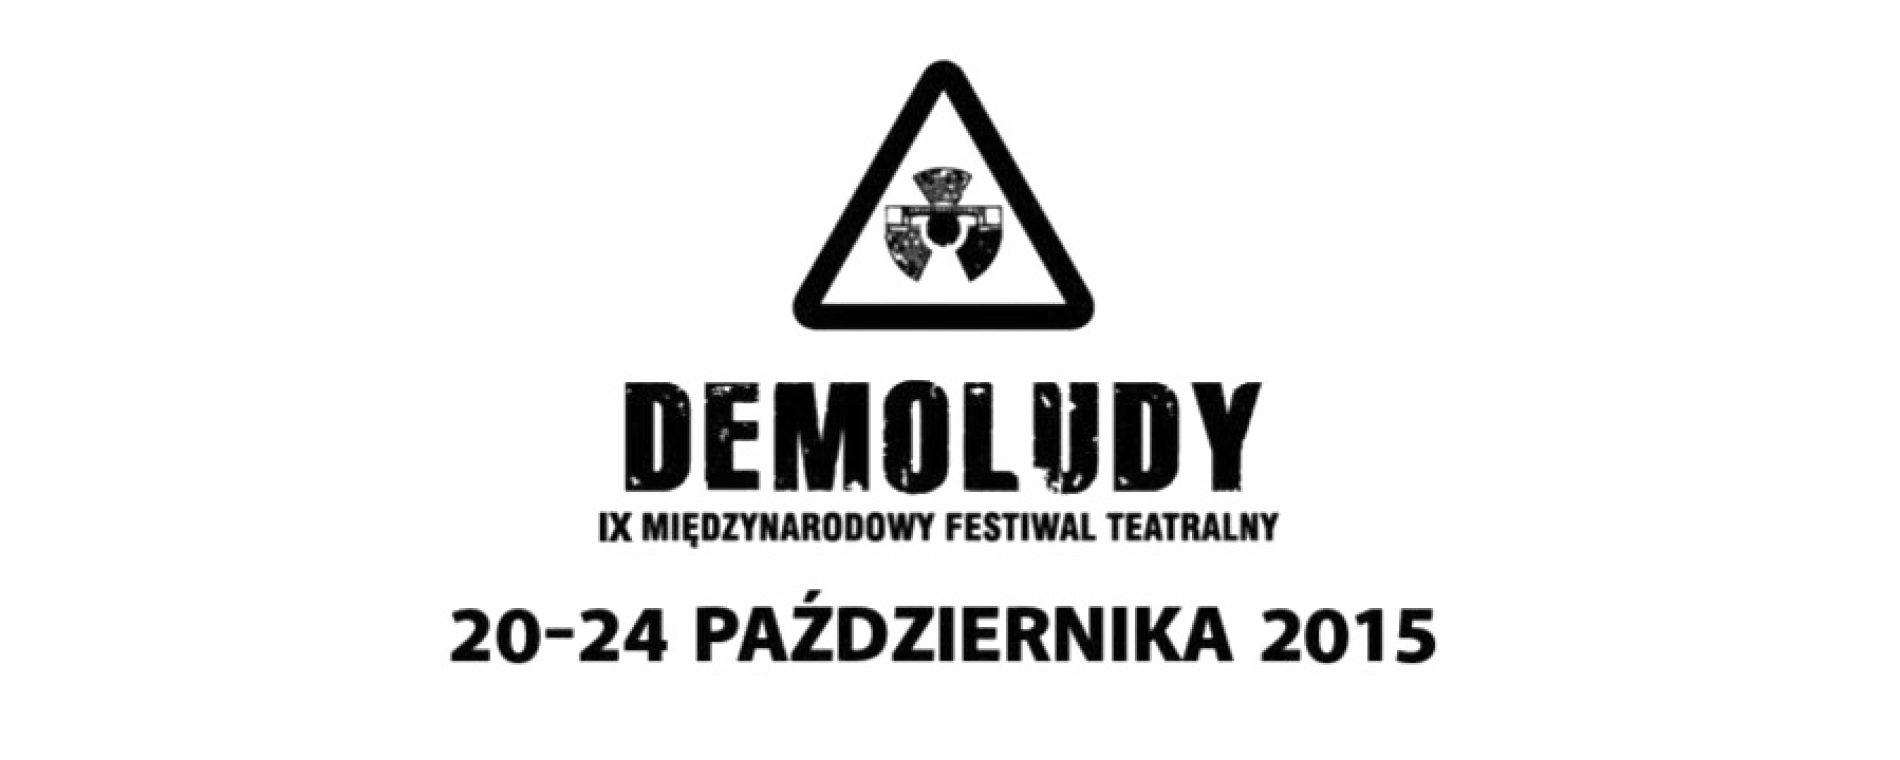 Międzynarodowy Festiwal Teatralny Demoludy rozpocznie się 20 października